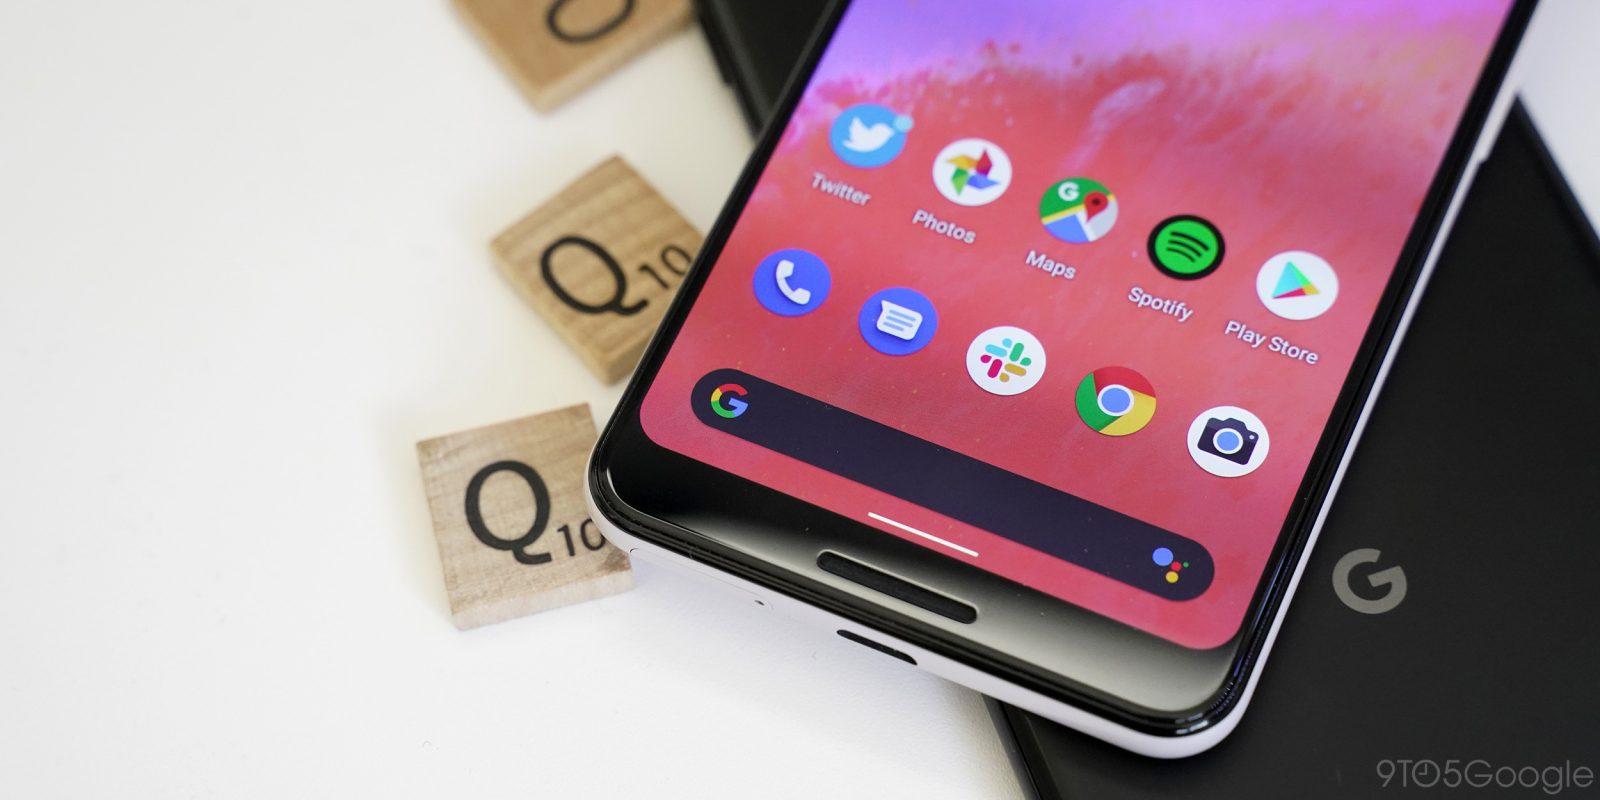 Google releases Android Q Beta 5 with gestural nav tweaks